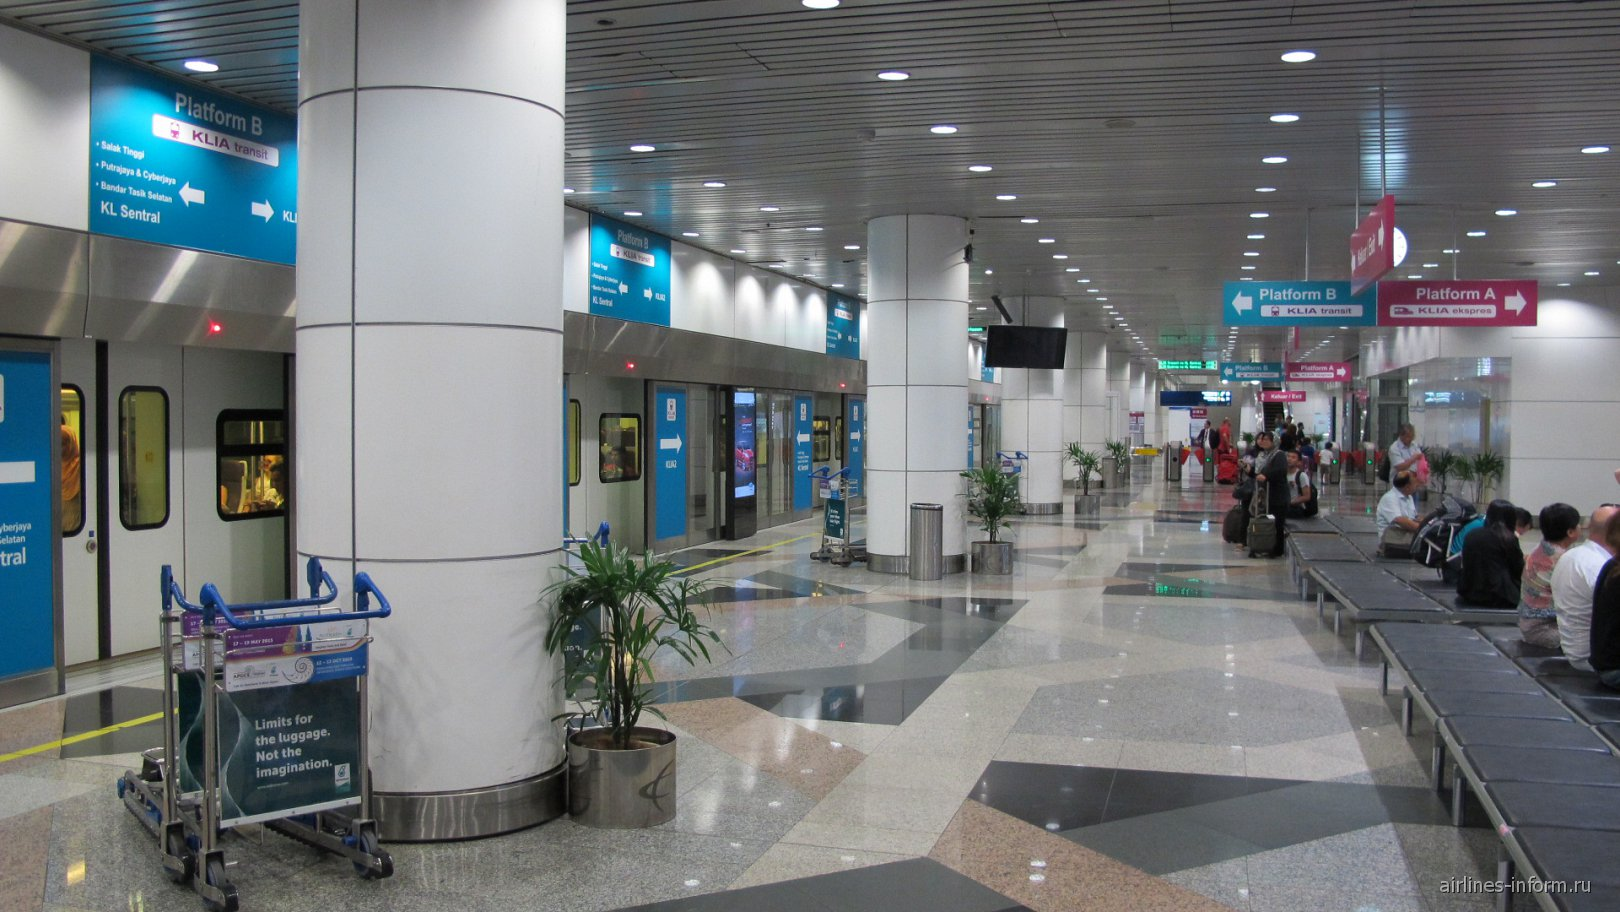 Станция Аэроэкспресса в основном терминале аэропорта Куала-Лумпур